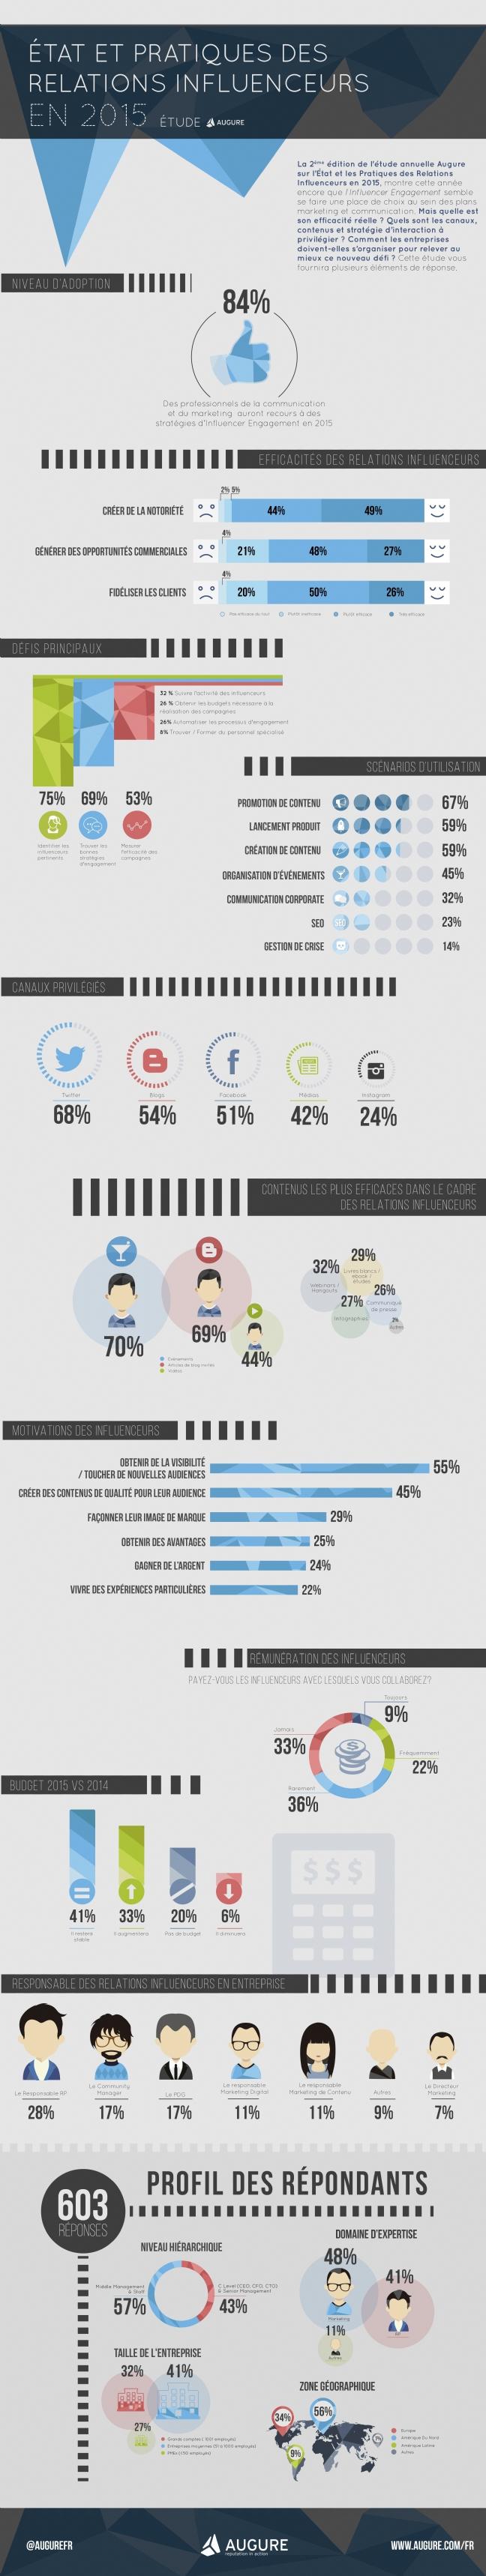 Infographie 211 - Les-influenceurs-toujours-autant-sollicites-par-directeurs-marketing-F